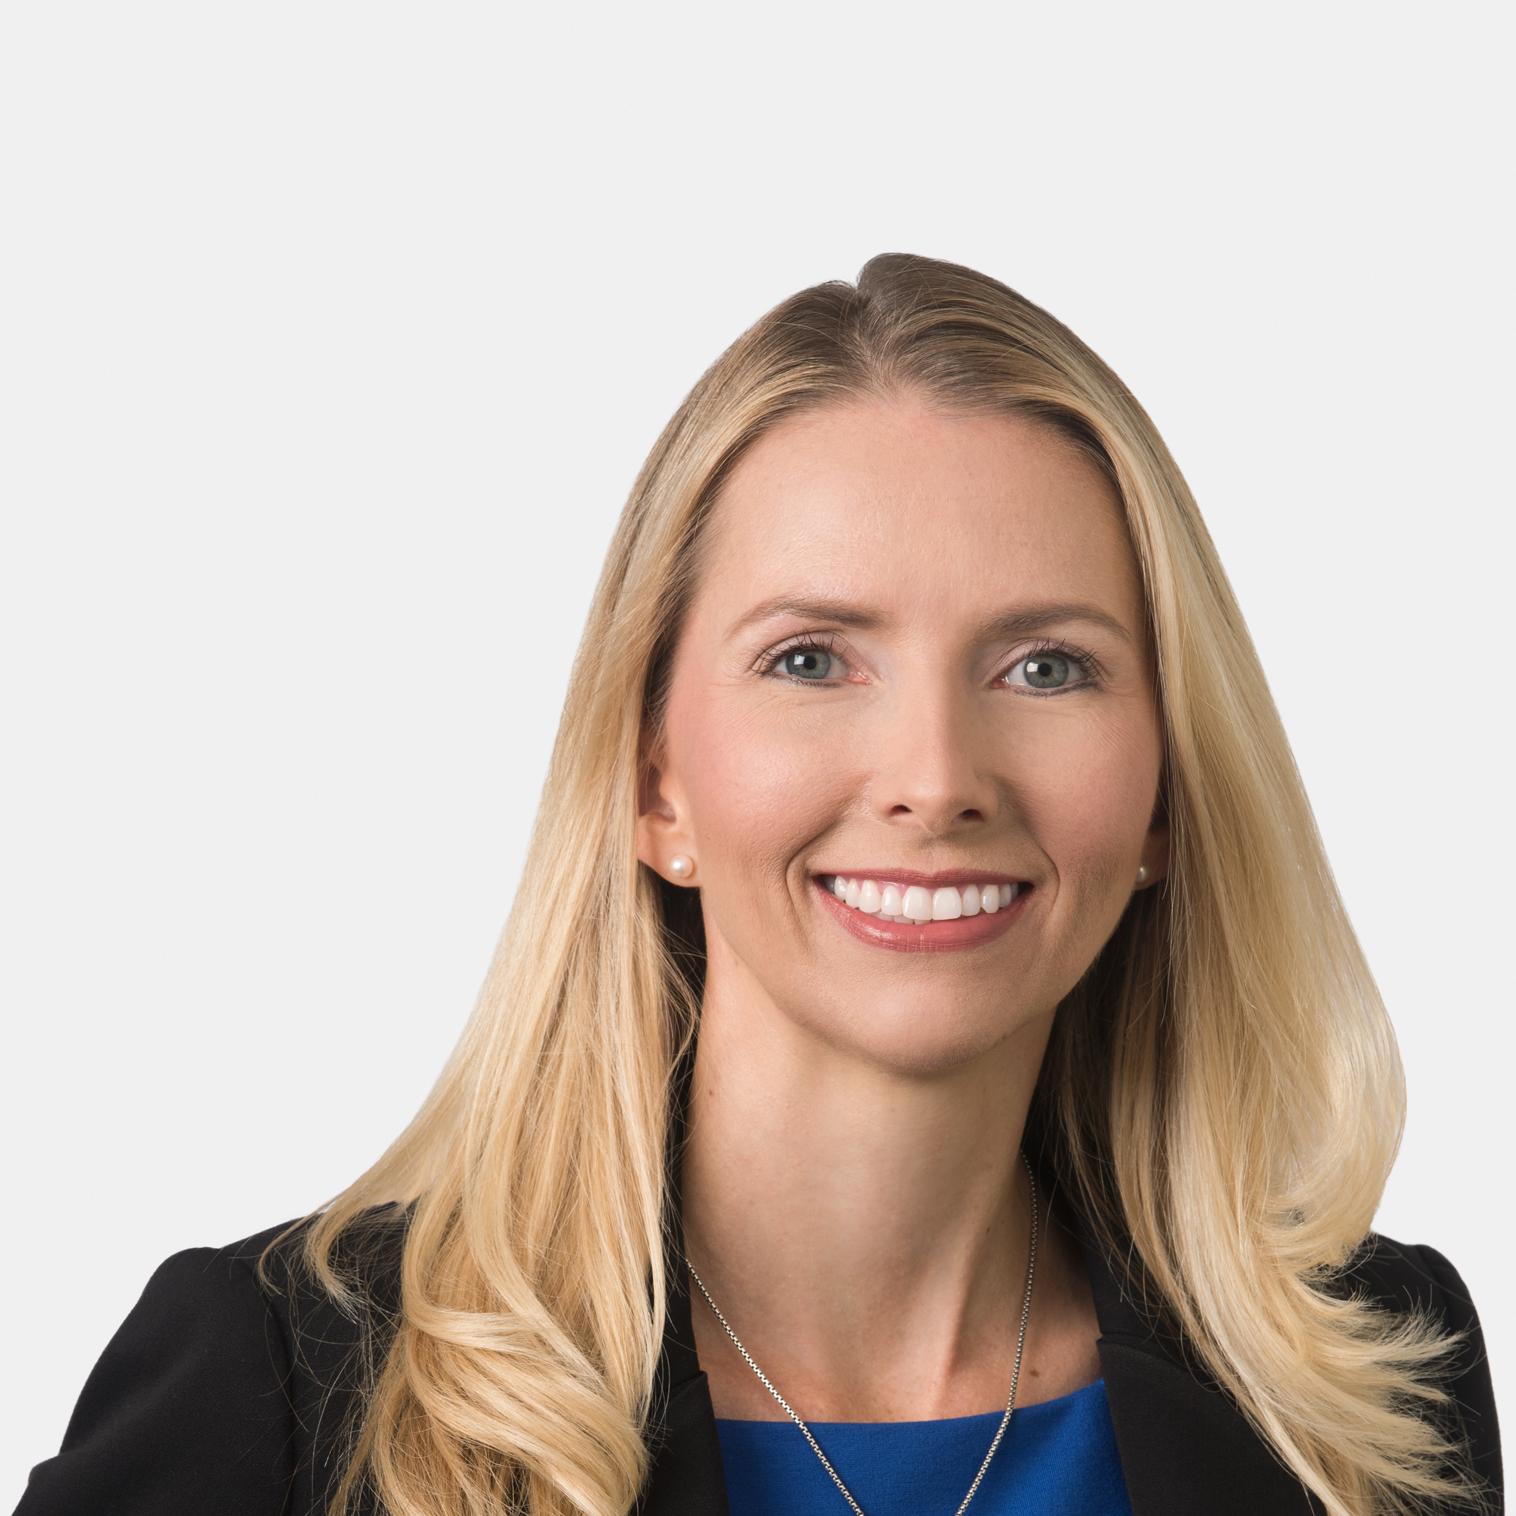 Sarah M. DeFranco